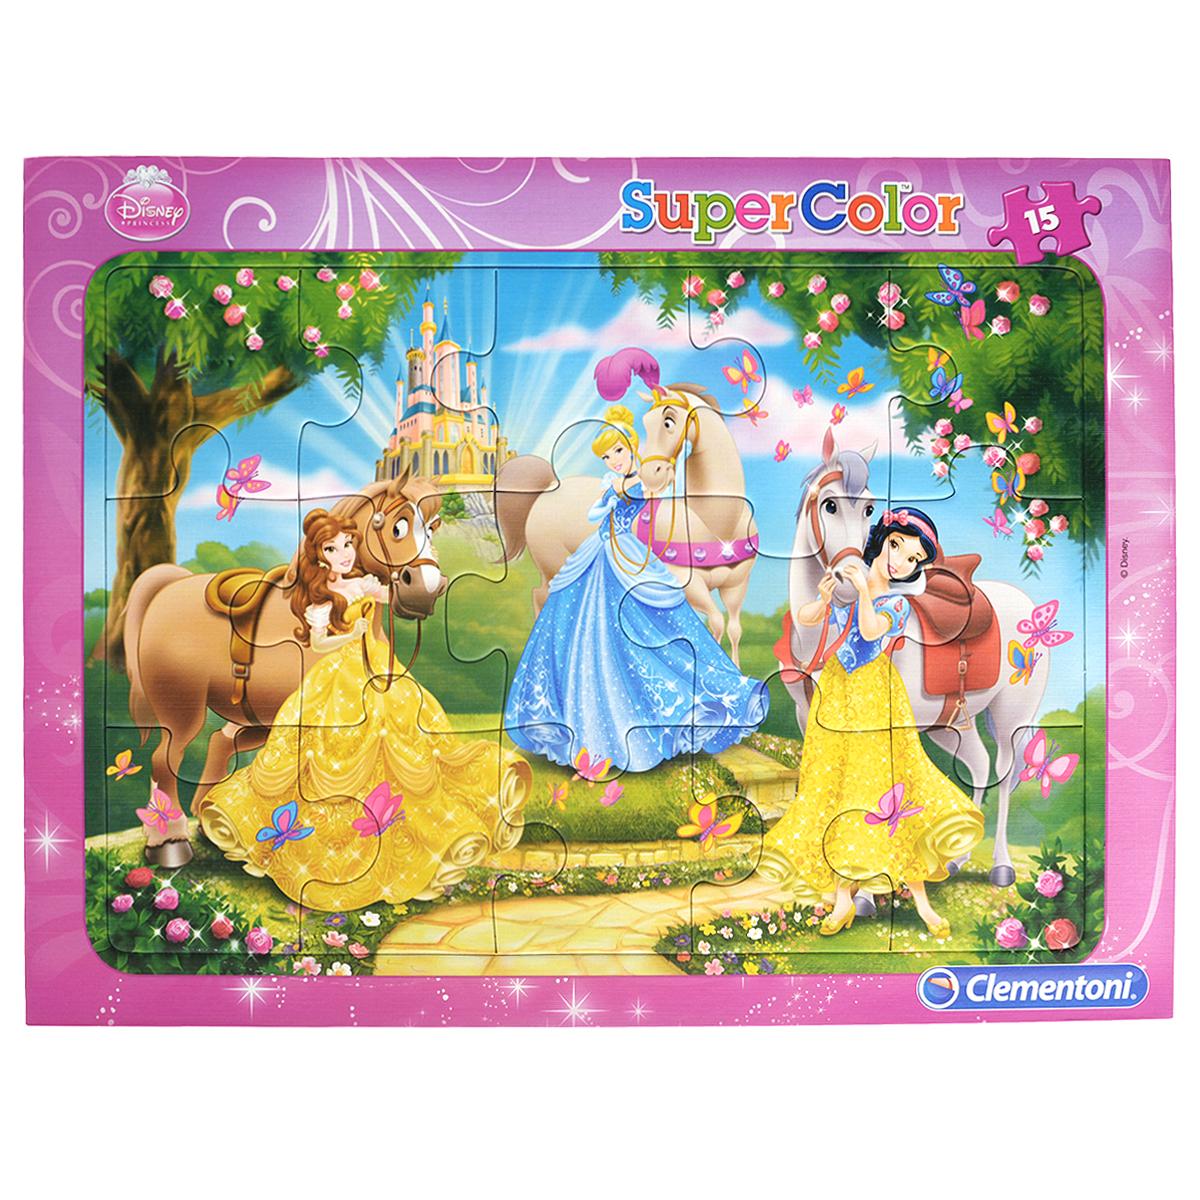 Clementoni Принцессы: сказочное очарование. Пазл, 15 элементов22220-V17886AПазл Принцессы: сказочное очарование, без сомнения, придется по душе вам и вашему малышу. Собрав этот пазл, включающий в себя 15 крупных элементов, вы получите великолепную картину с изображением знаменитых диснеевских принцесс - Бэлль, Золушки и Белоснежки. Каждая деталь имеет свою форму и подходит только на своё место. Нет двух одинаковых деталей! Пазл изготовлен из картона высочайшего качества. Все изображения аккуратно отсканированы и напечатаны на ламинированной бумаге. Пазл предназначен для детей в возрасте от 3 до 5 лет. Пазл - великолепная игра для семейного досуга. Сегодня собирание пазлов стало особенно популярным, главным образом, благодаря своей многообразной тематике, способной удовлетворить самый взыскательный вкус. А для детей это не только интересно, но и полезно. Собирание пазла развивает мелкую моторику у ребенка, тренирует наблюдательность, логическое мышление, знакомит с окружающим миром, с цветом и разнообразными формами.